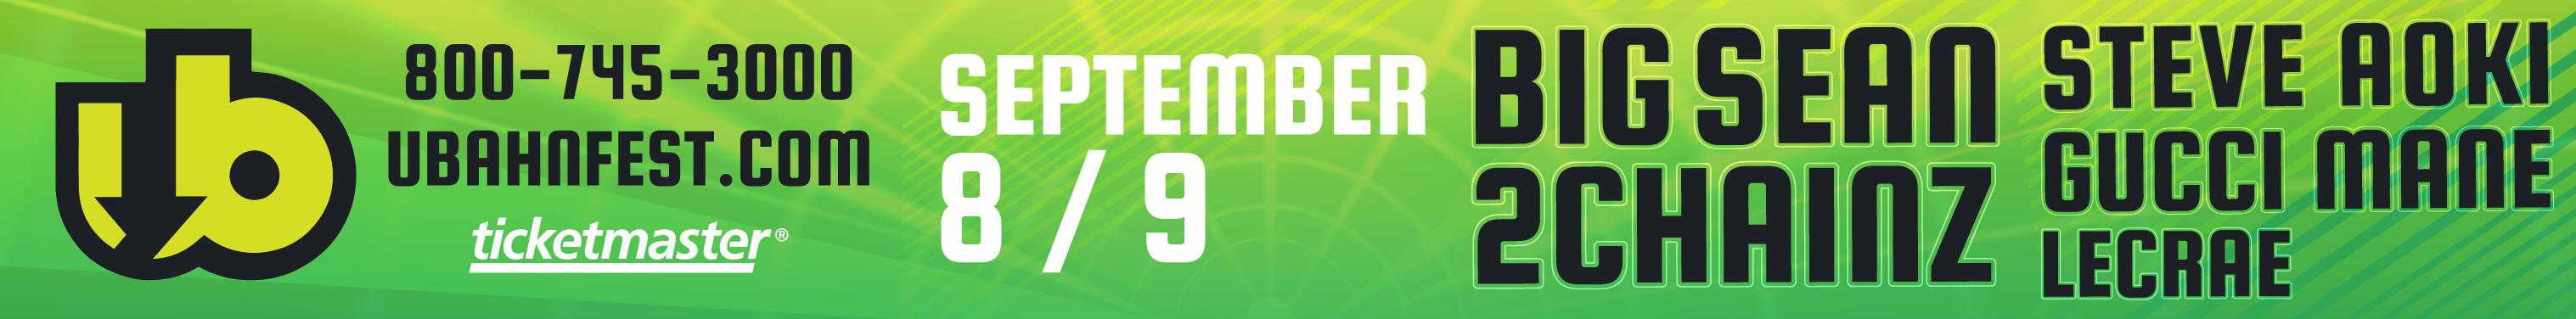 Ubahn Festival - Big Sean, 2Chainz, Steve Aoki, Gucci Mane, Lecrae - Sep 8-9